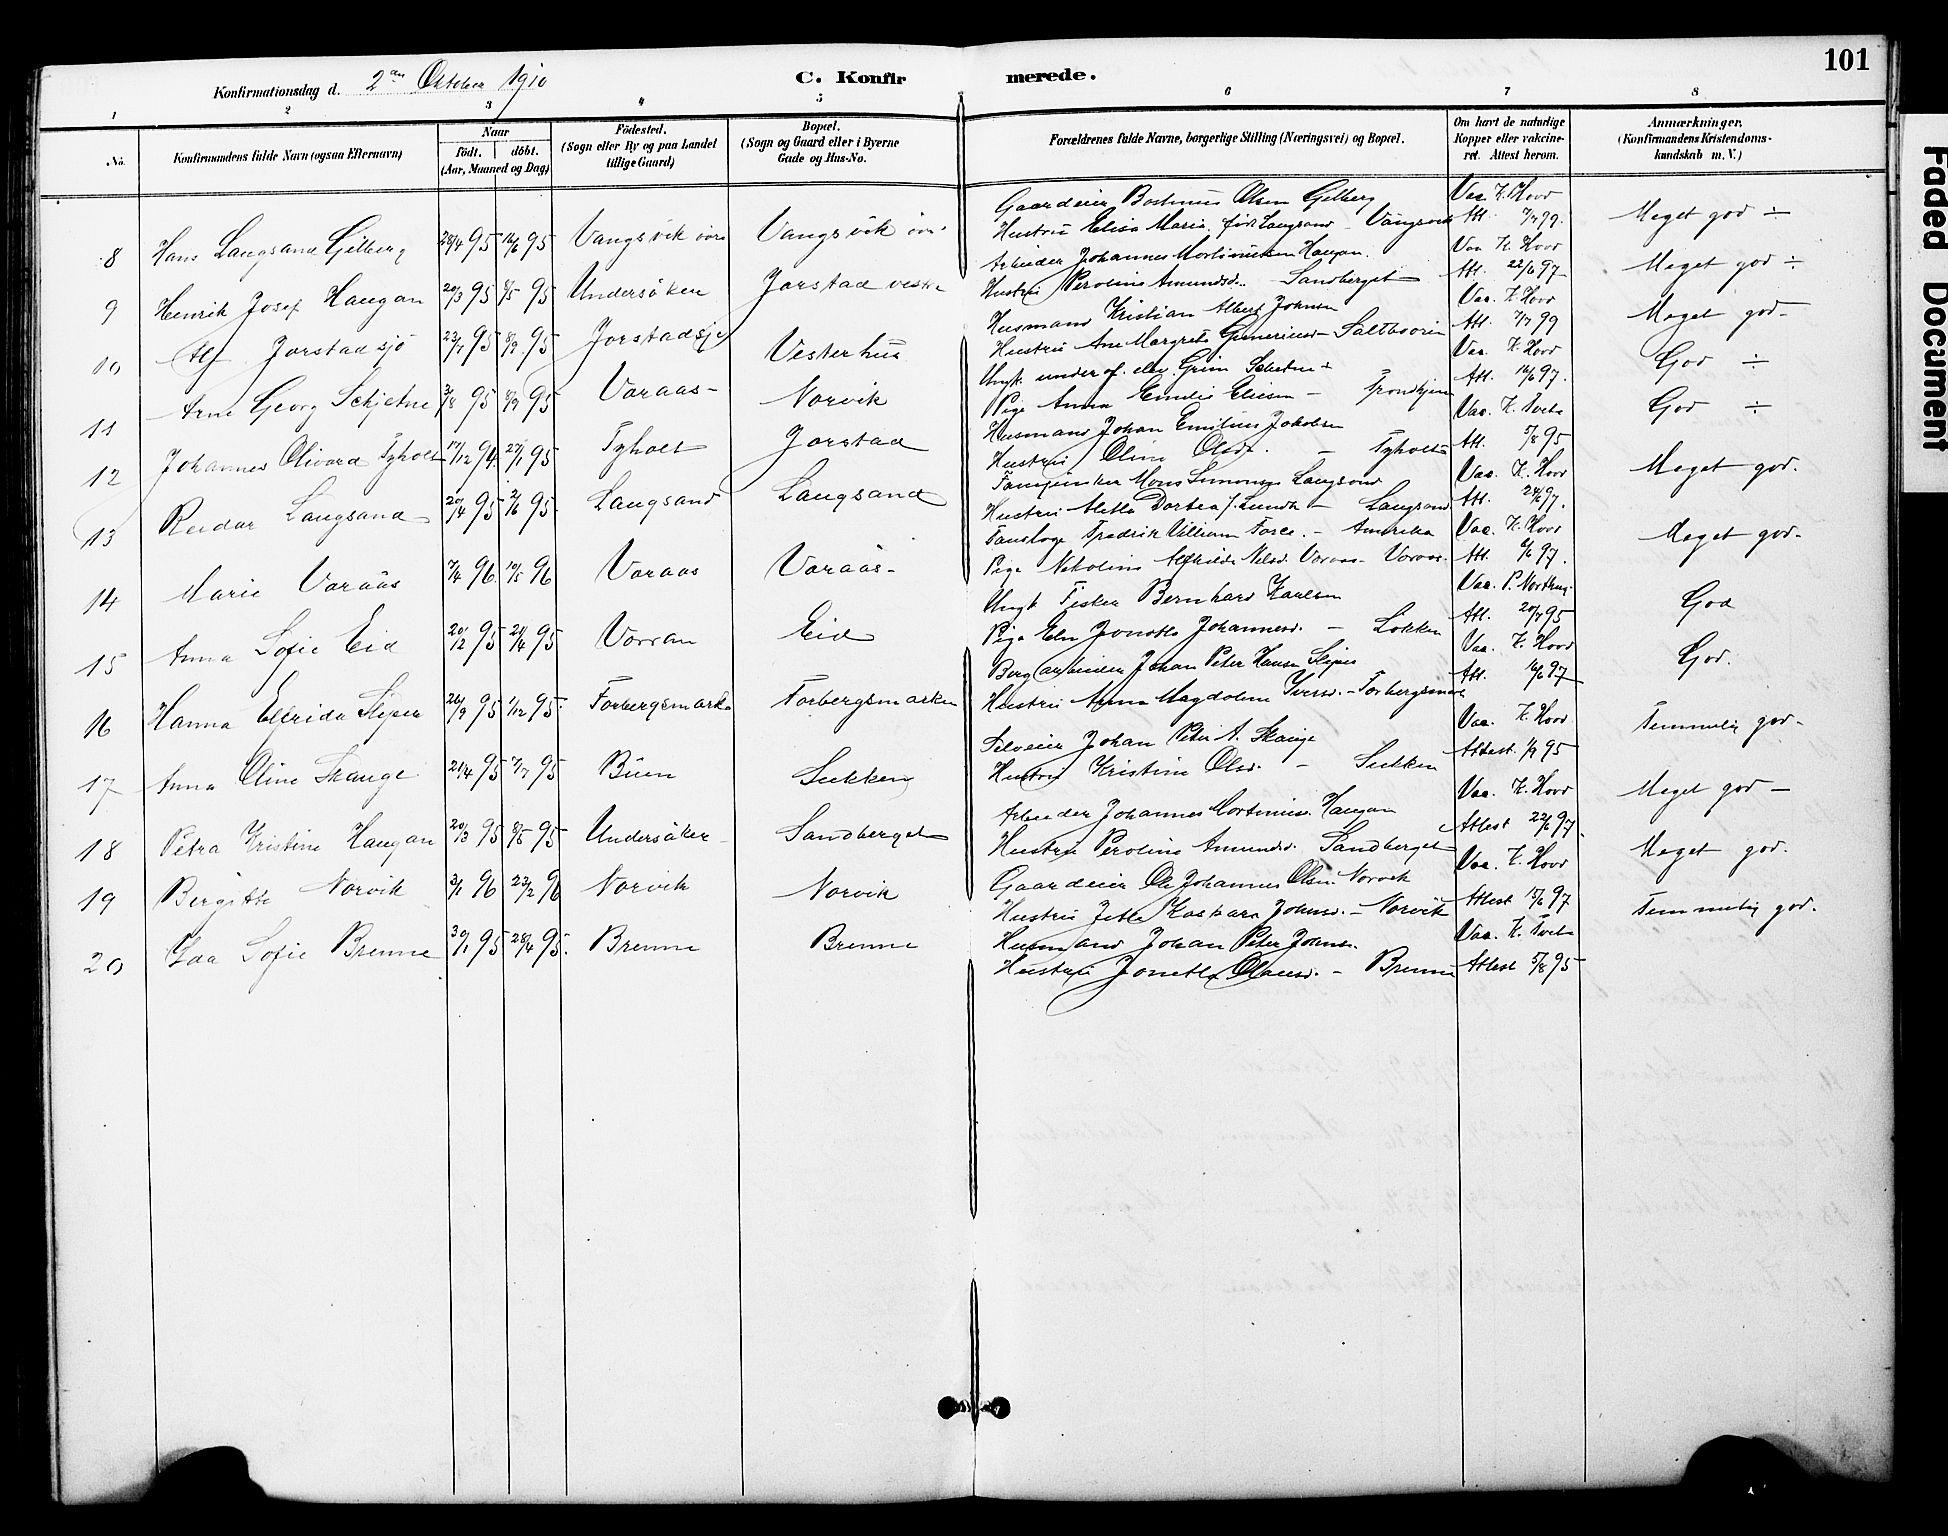 SAT, Ministerialprotokoller, klokkerbøker og fødselsregistre - Nord-Trøndelag, 722/L0226: Klokkerbok nr. 722C02, 1889-1927, s. 101